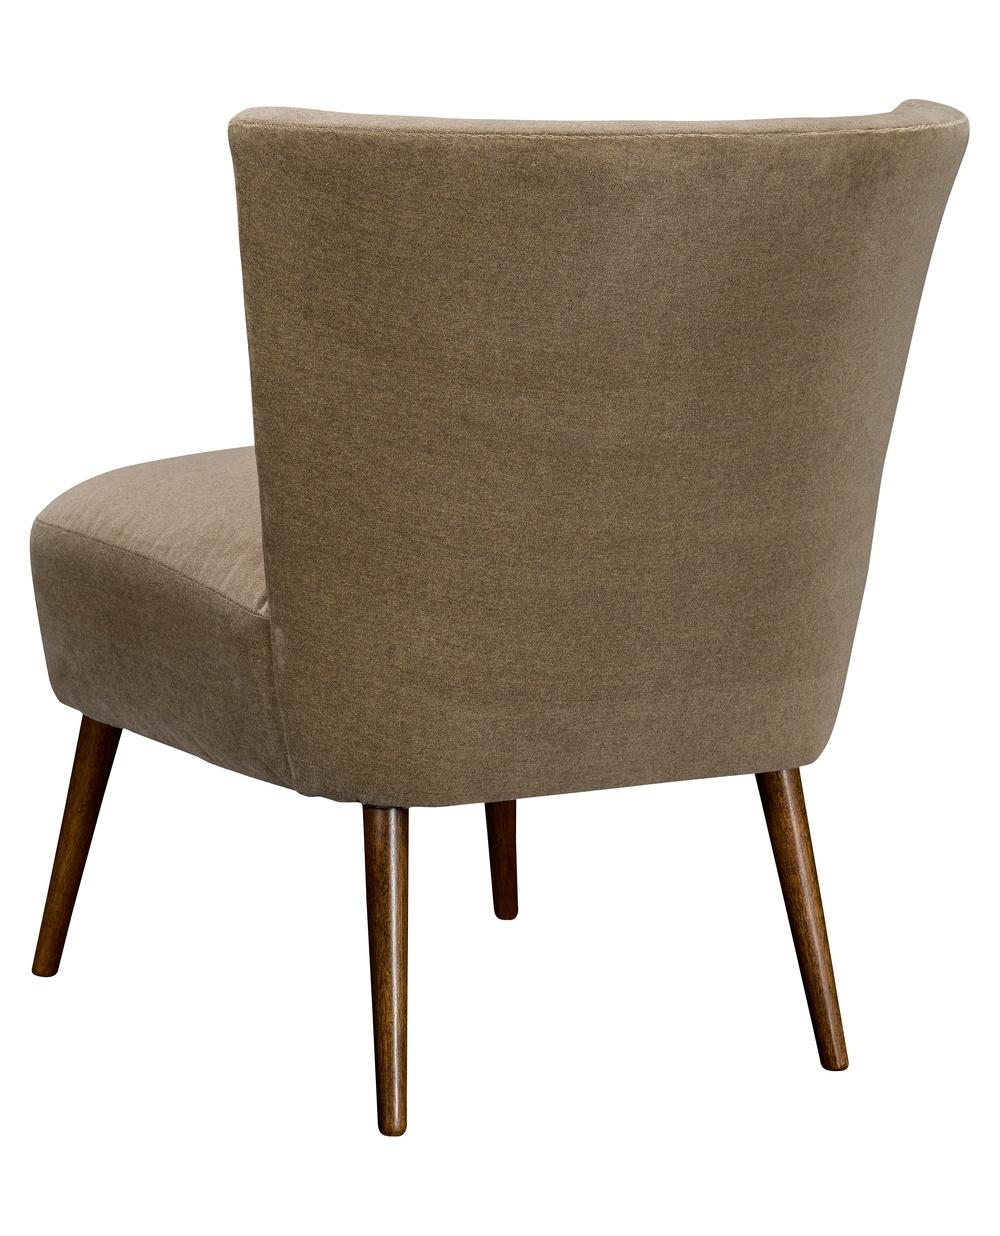 Hickory Chair - Loire Chair